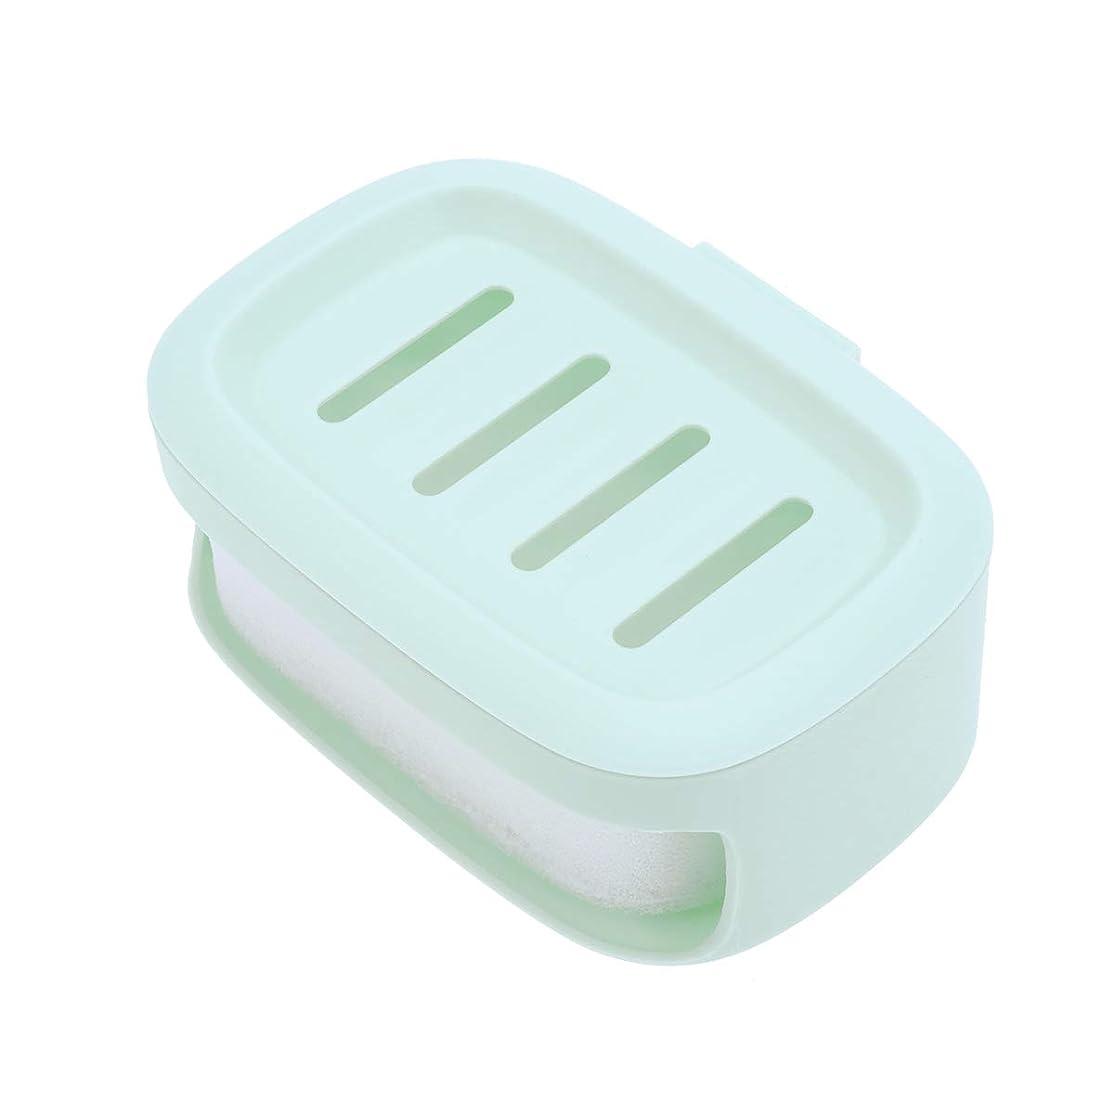 類似性パール自分のHEALIFTY ソープボックス防水ソープコンテナバスルームソープ収納ケースソープホルダー(グリーン)